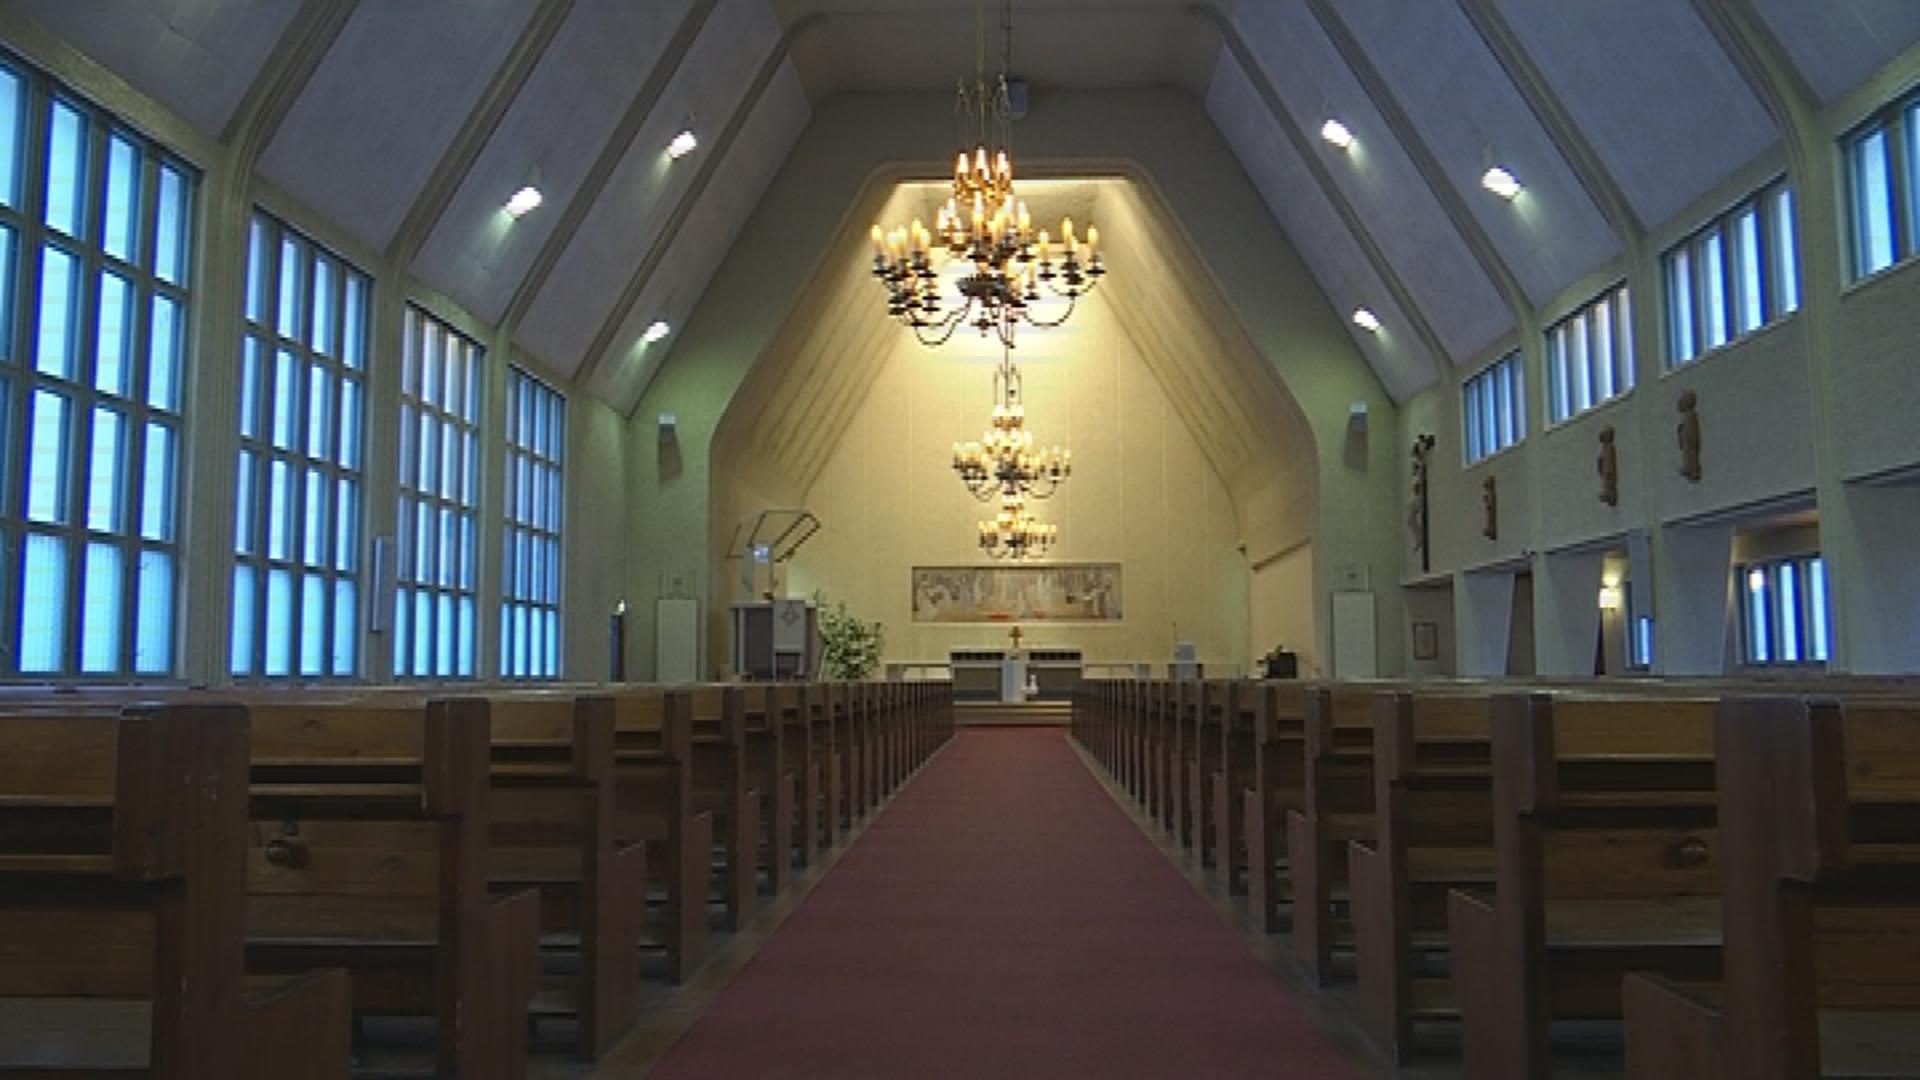 Elsi Borgin suunnittelema kirkkosali on avara